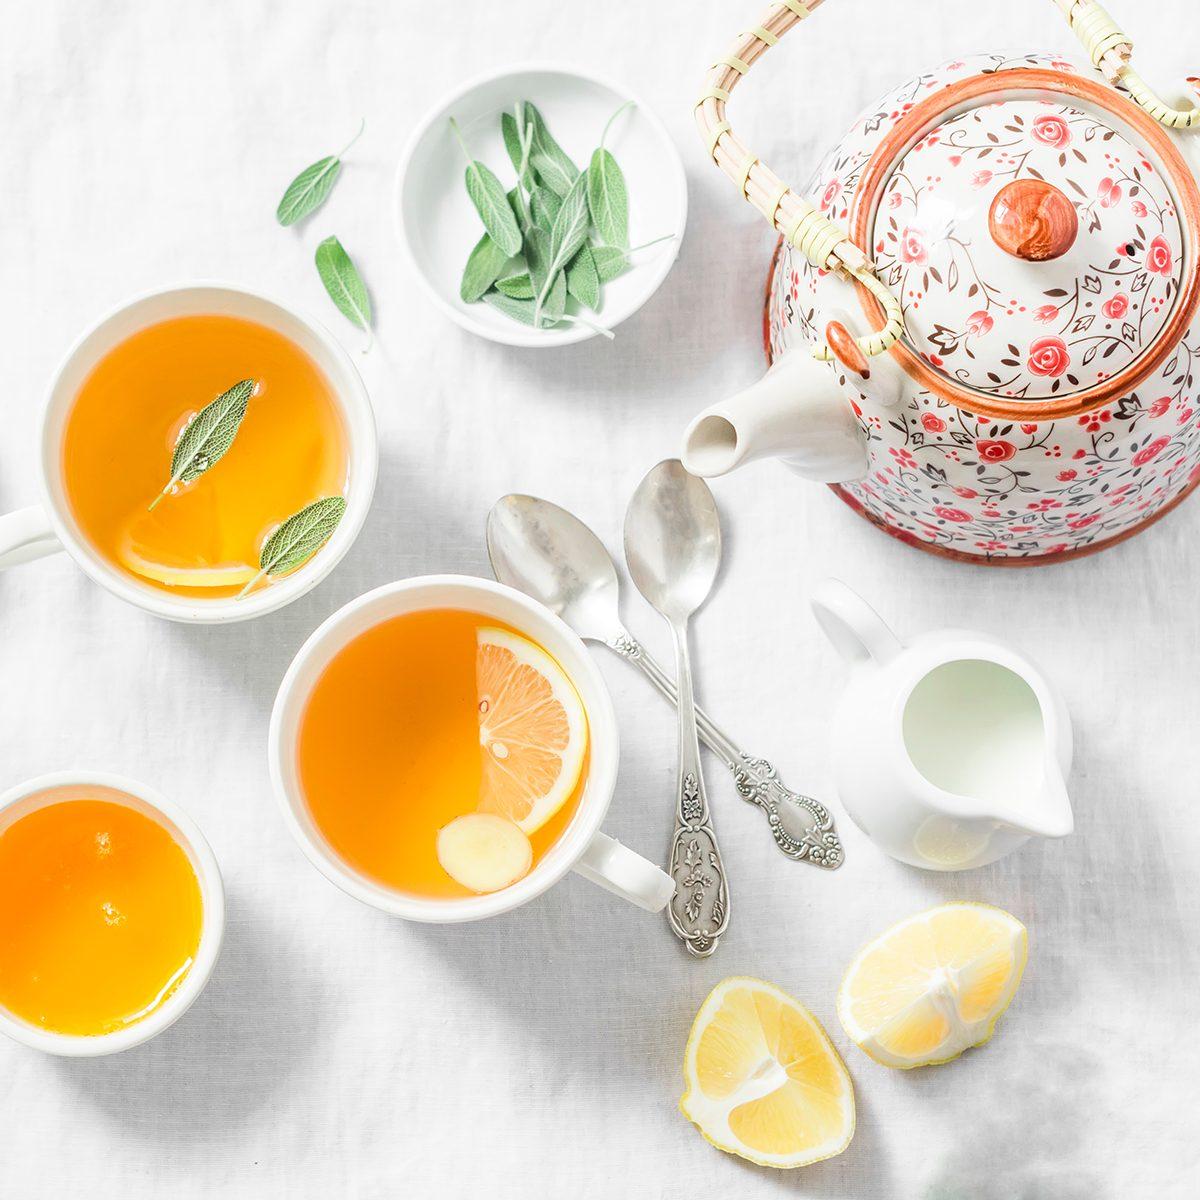 Cough tea. Green tea with lemon, ginger, sage on a light background